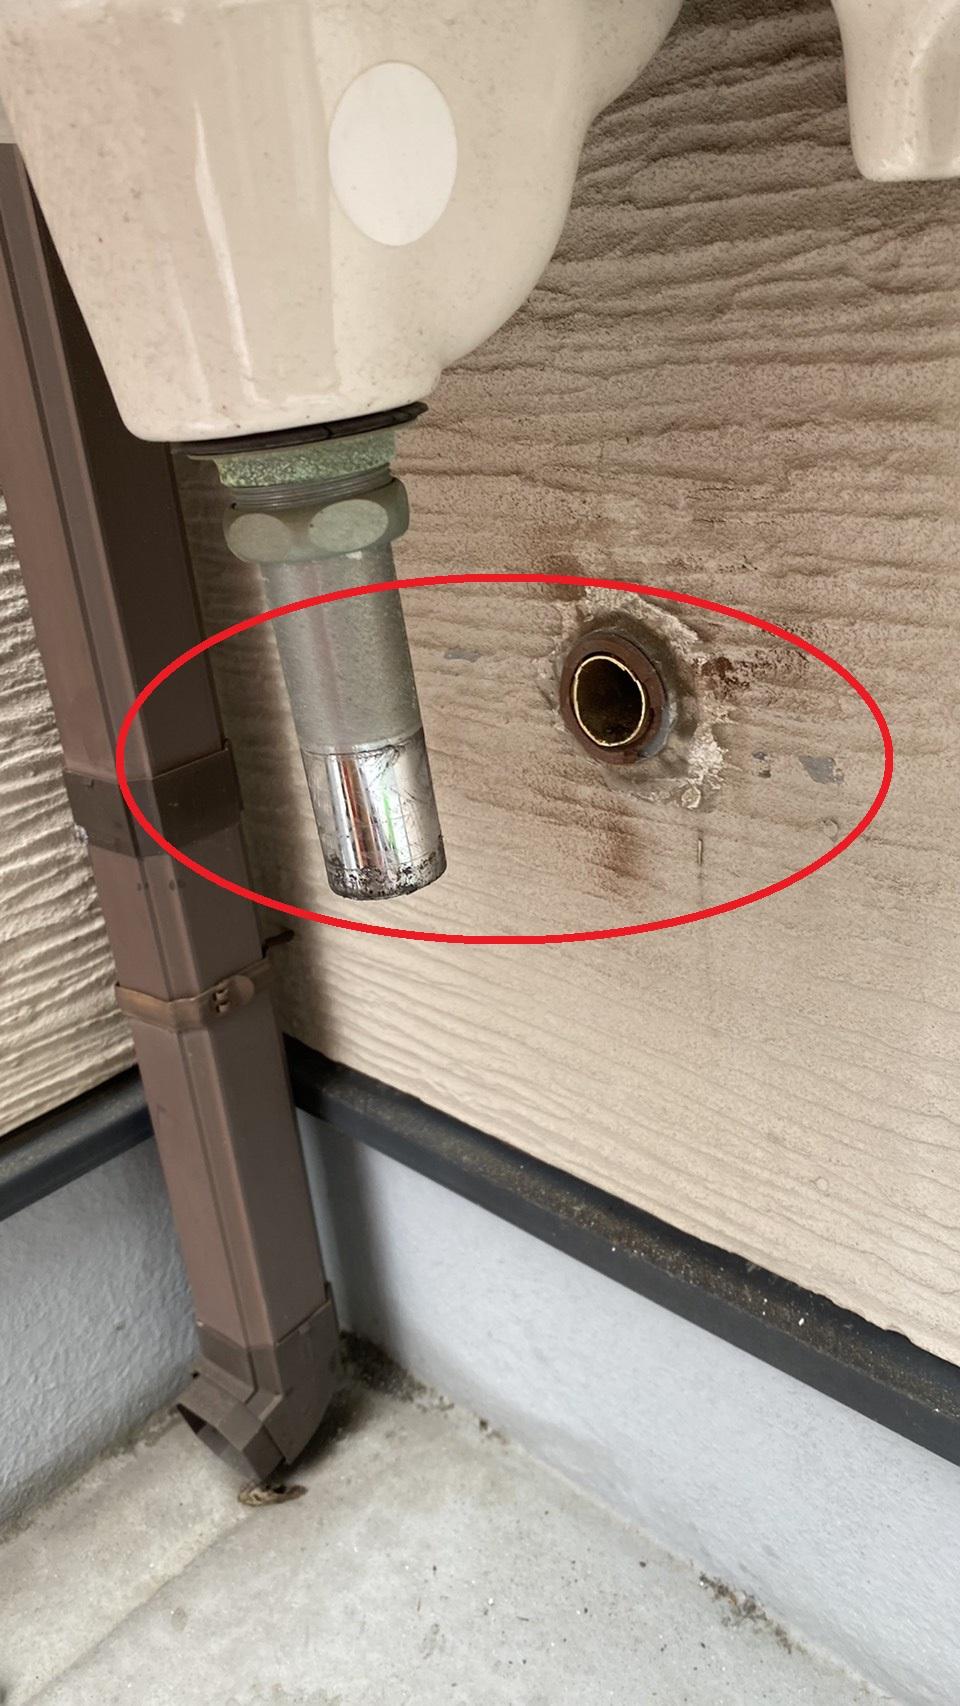 雨漏りの原因となっている排水管を切断した様子